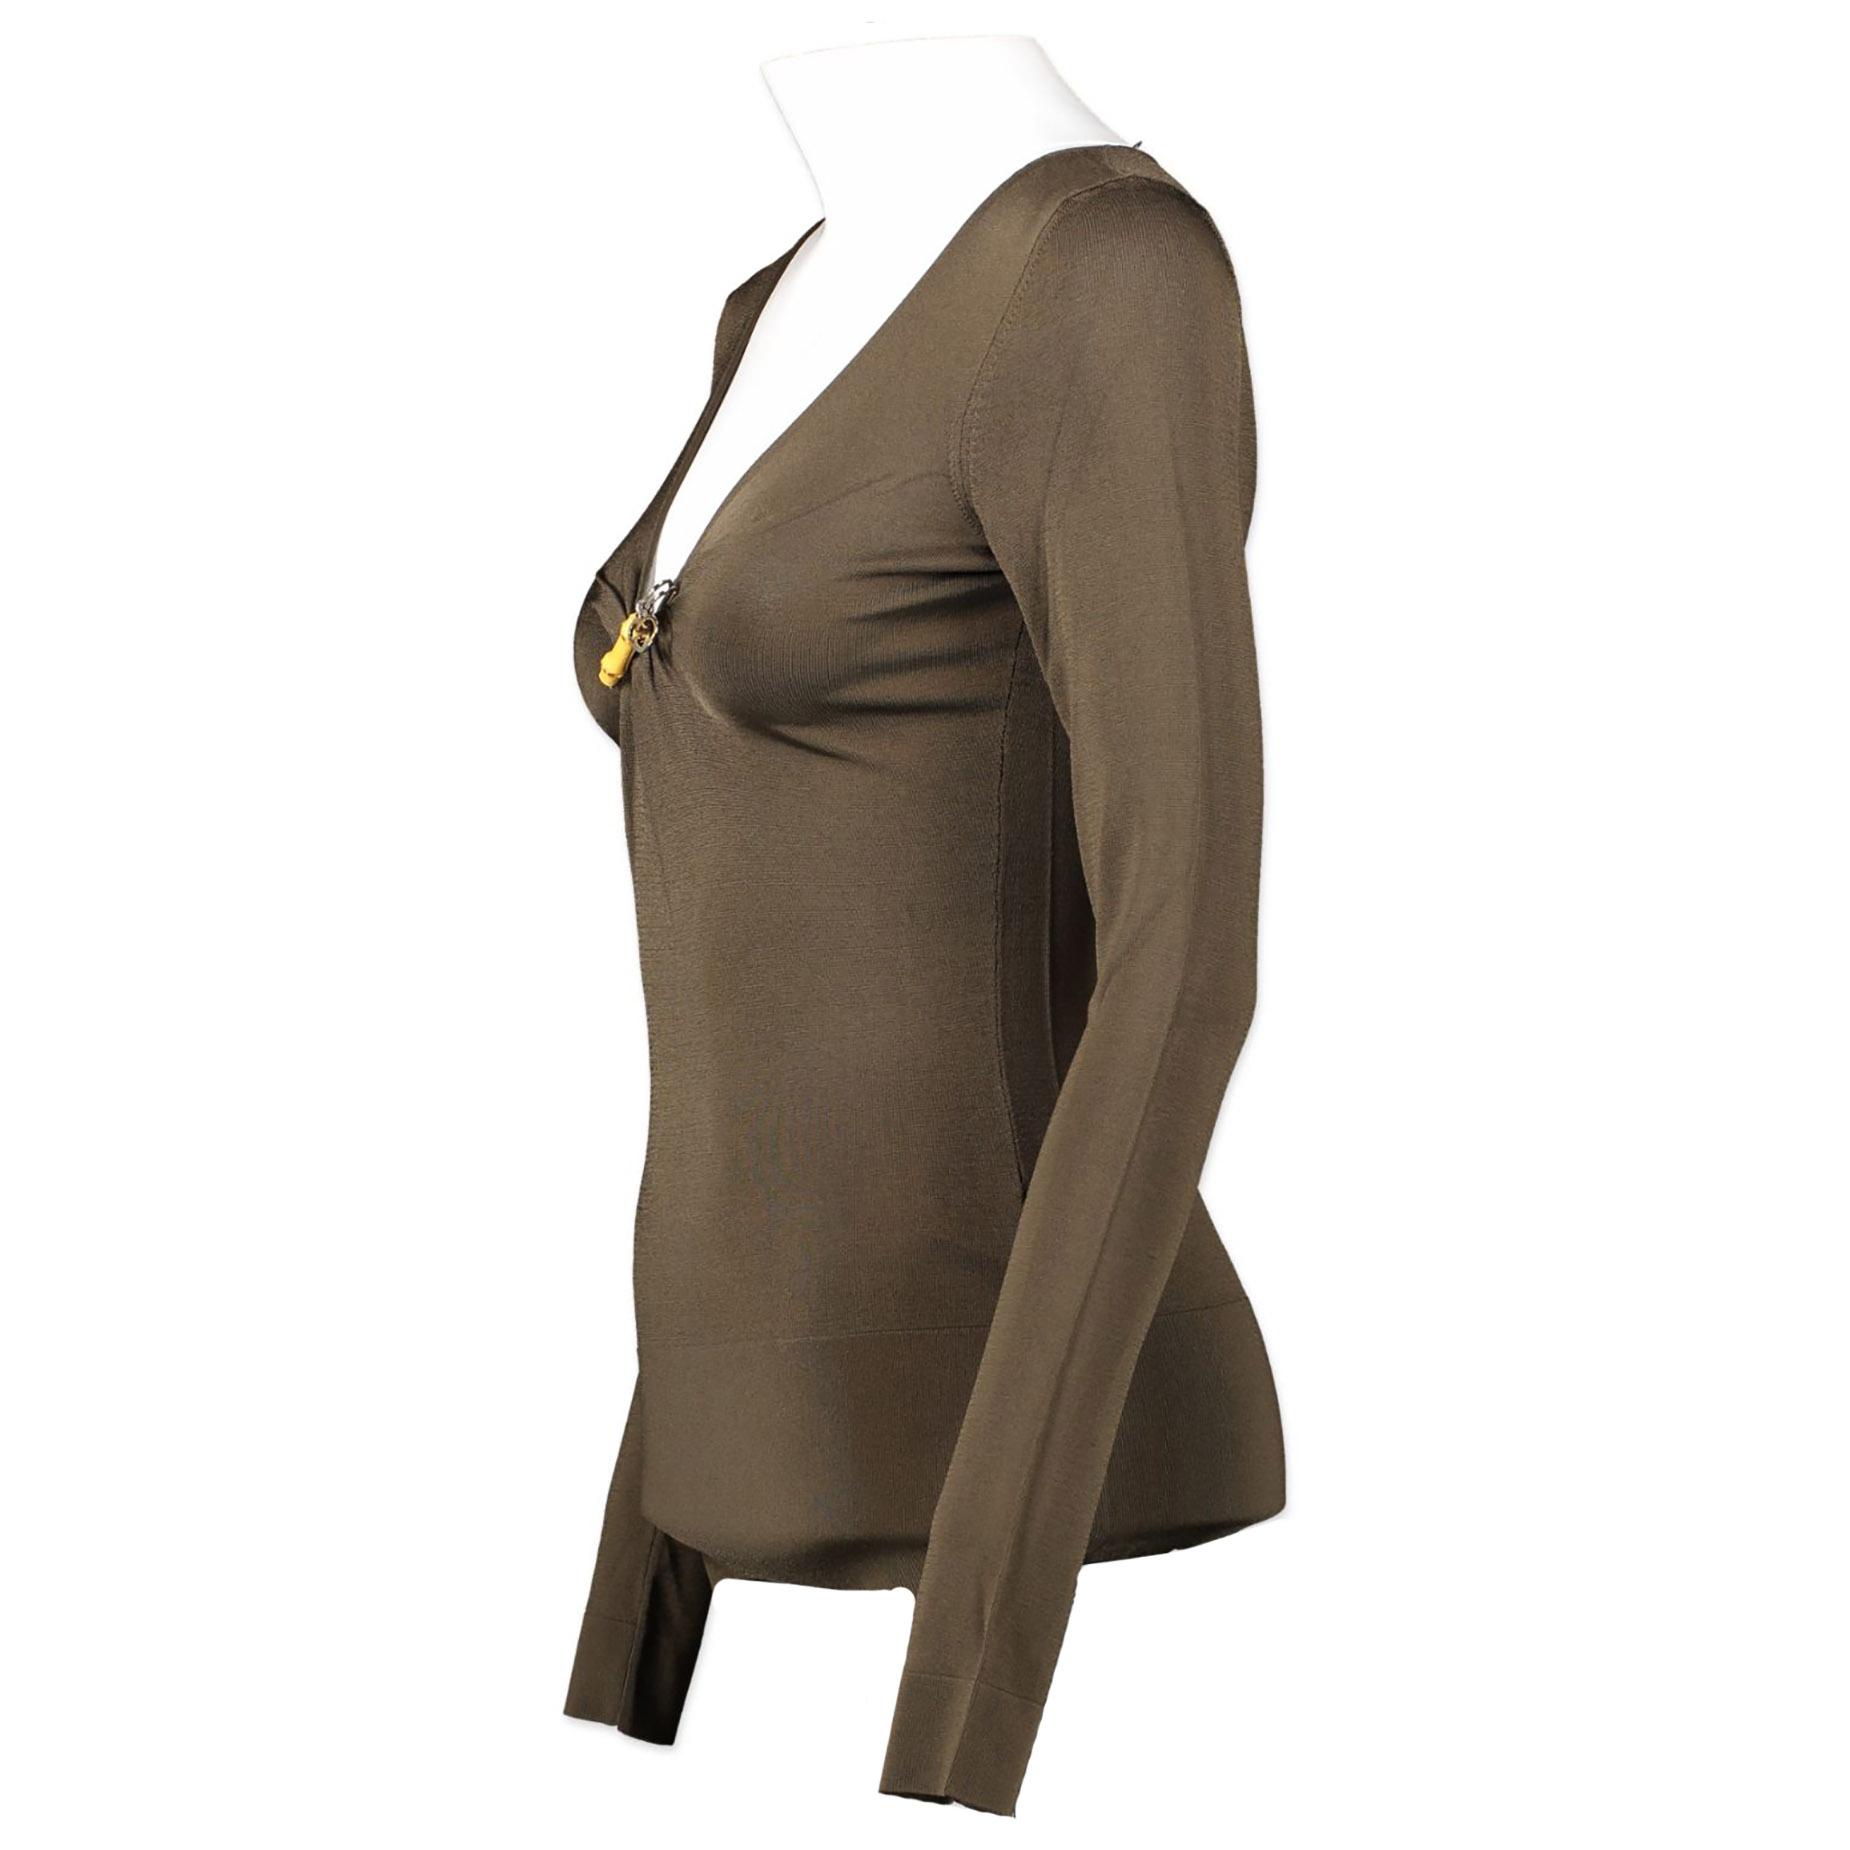 Authentieke tweedehands Gucci Khaki bamboo pin top juiste prijs veilig online winkelen luxe merken webshop winkelen Antwerpen België mode fashion